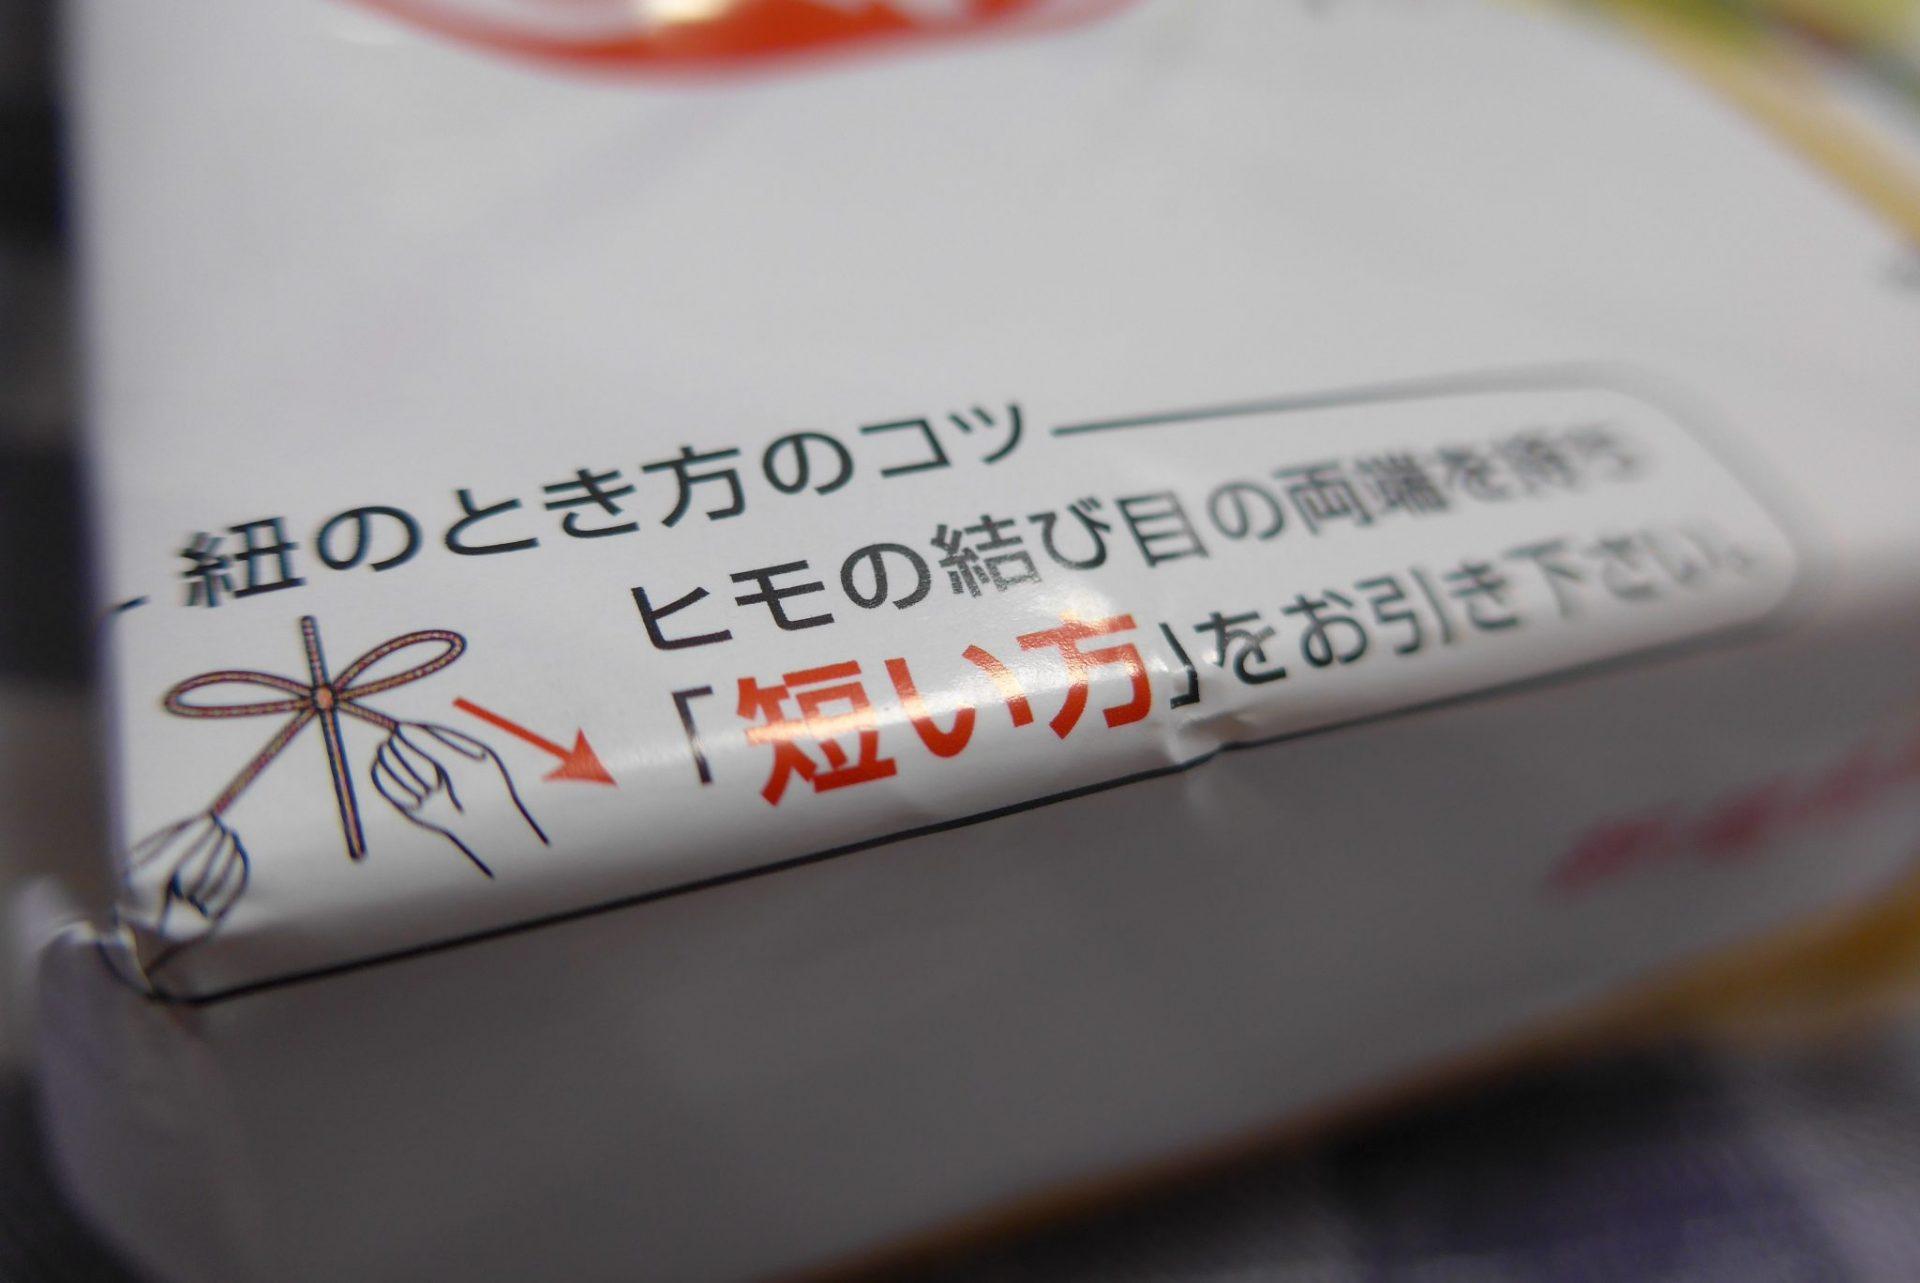 (G)東筑軒かしわめしと大名道中駕籠!折尾本社売店で駅弁購入!